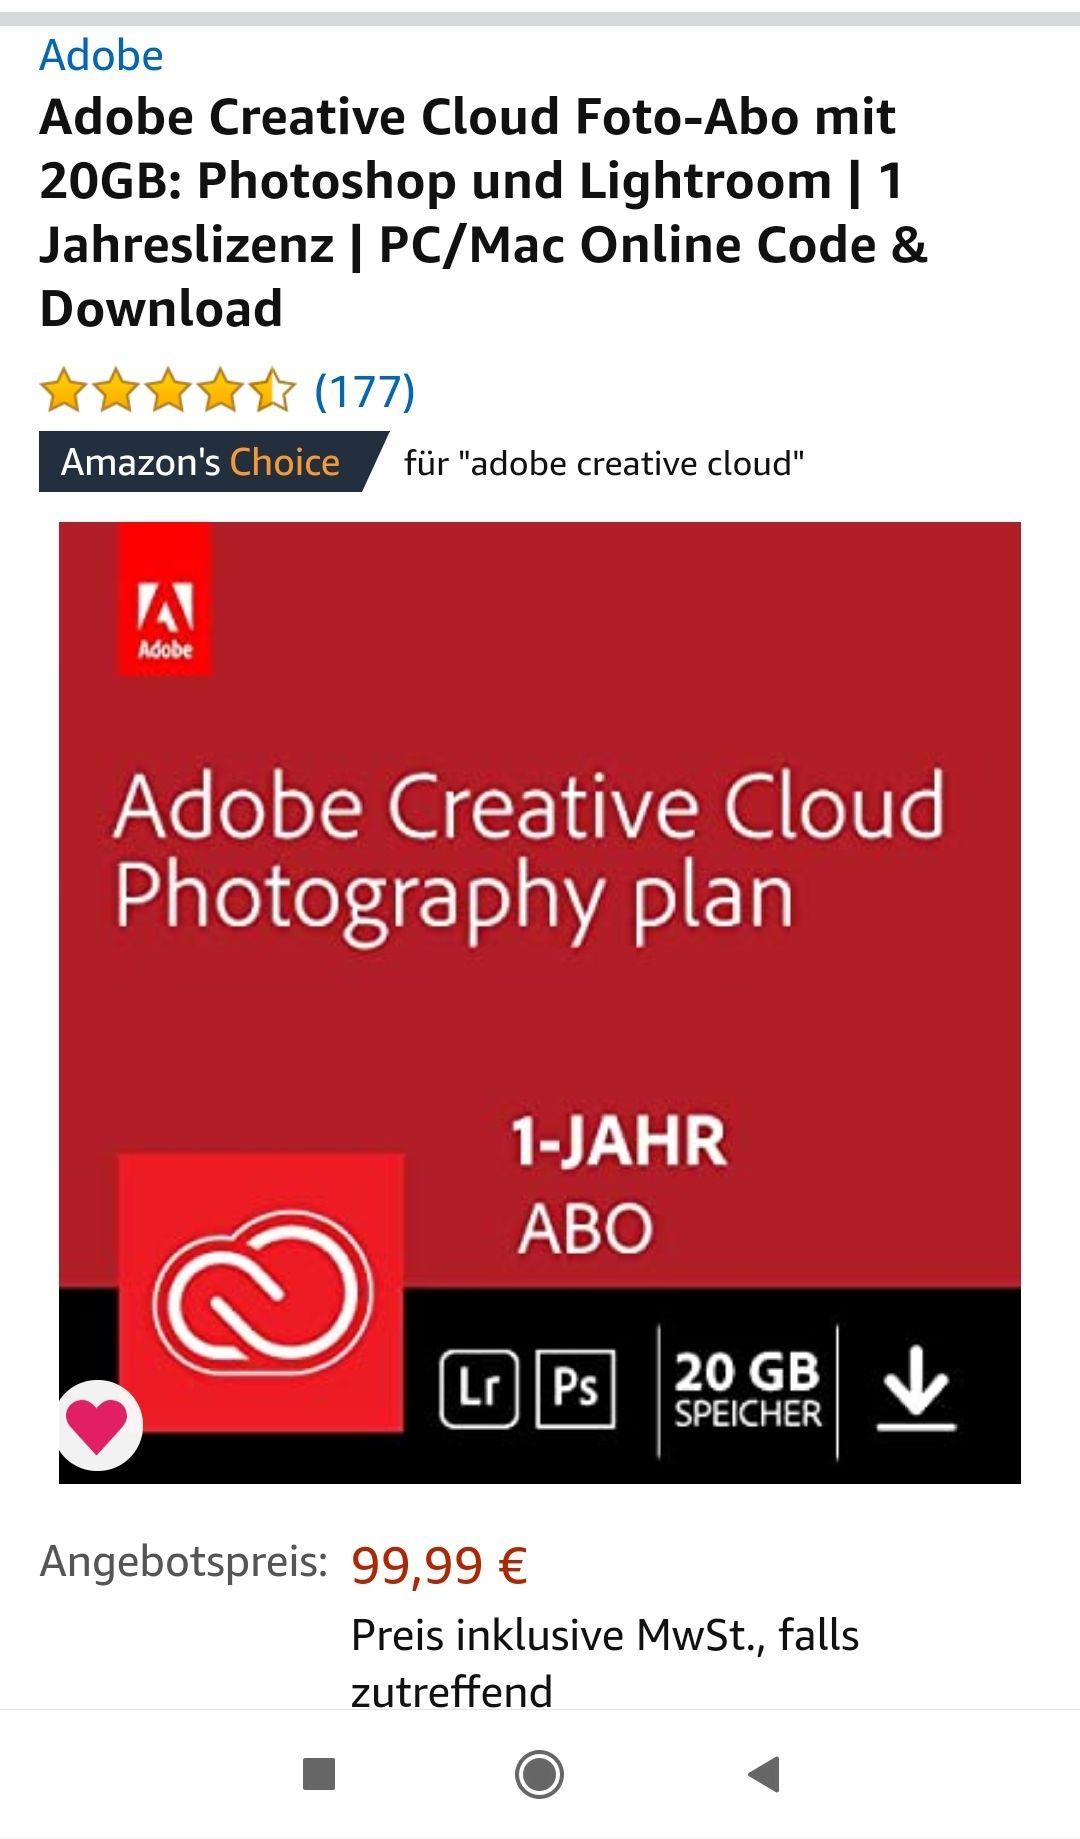 Adobe Creative Cloud 20 gb 1 Jahr